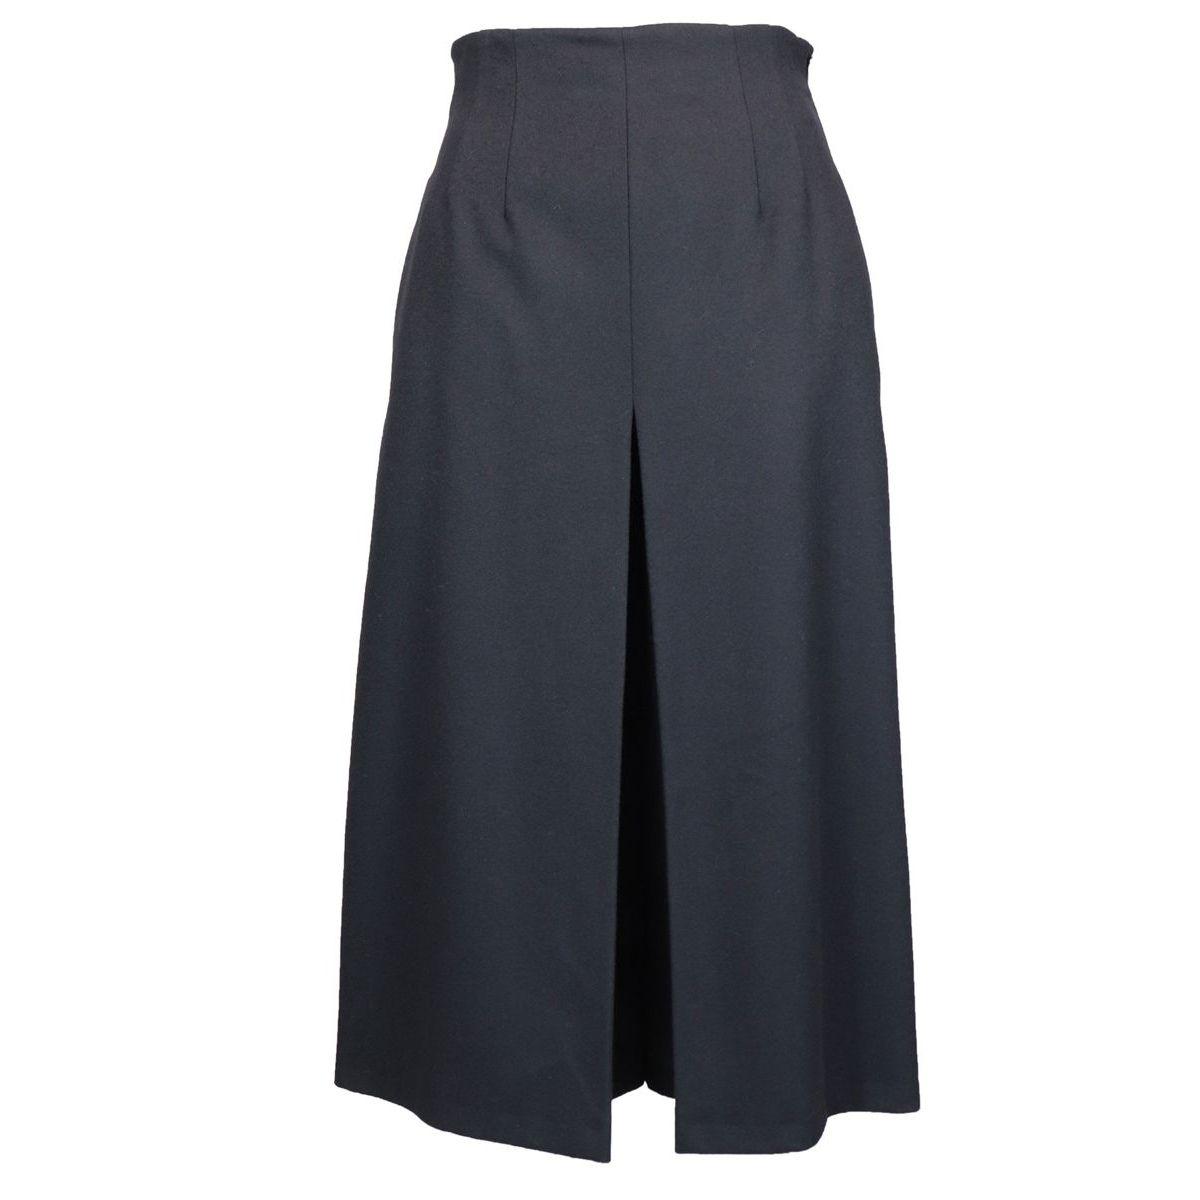 ALETTA wool trouser skirt Black Max Mara